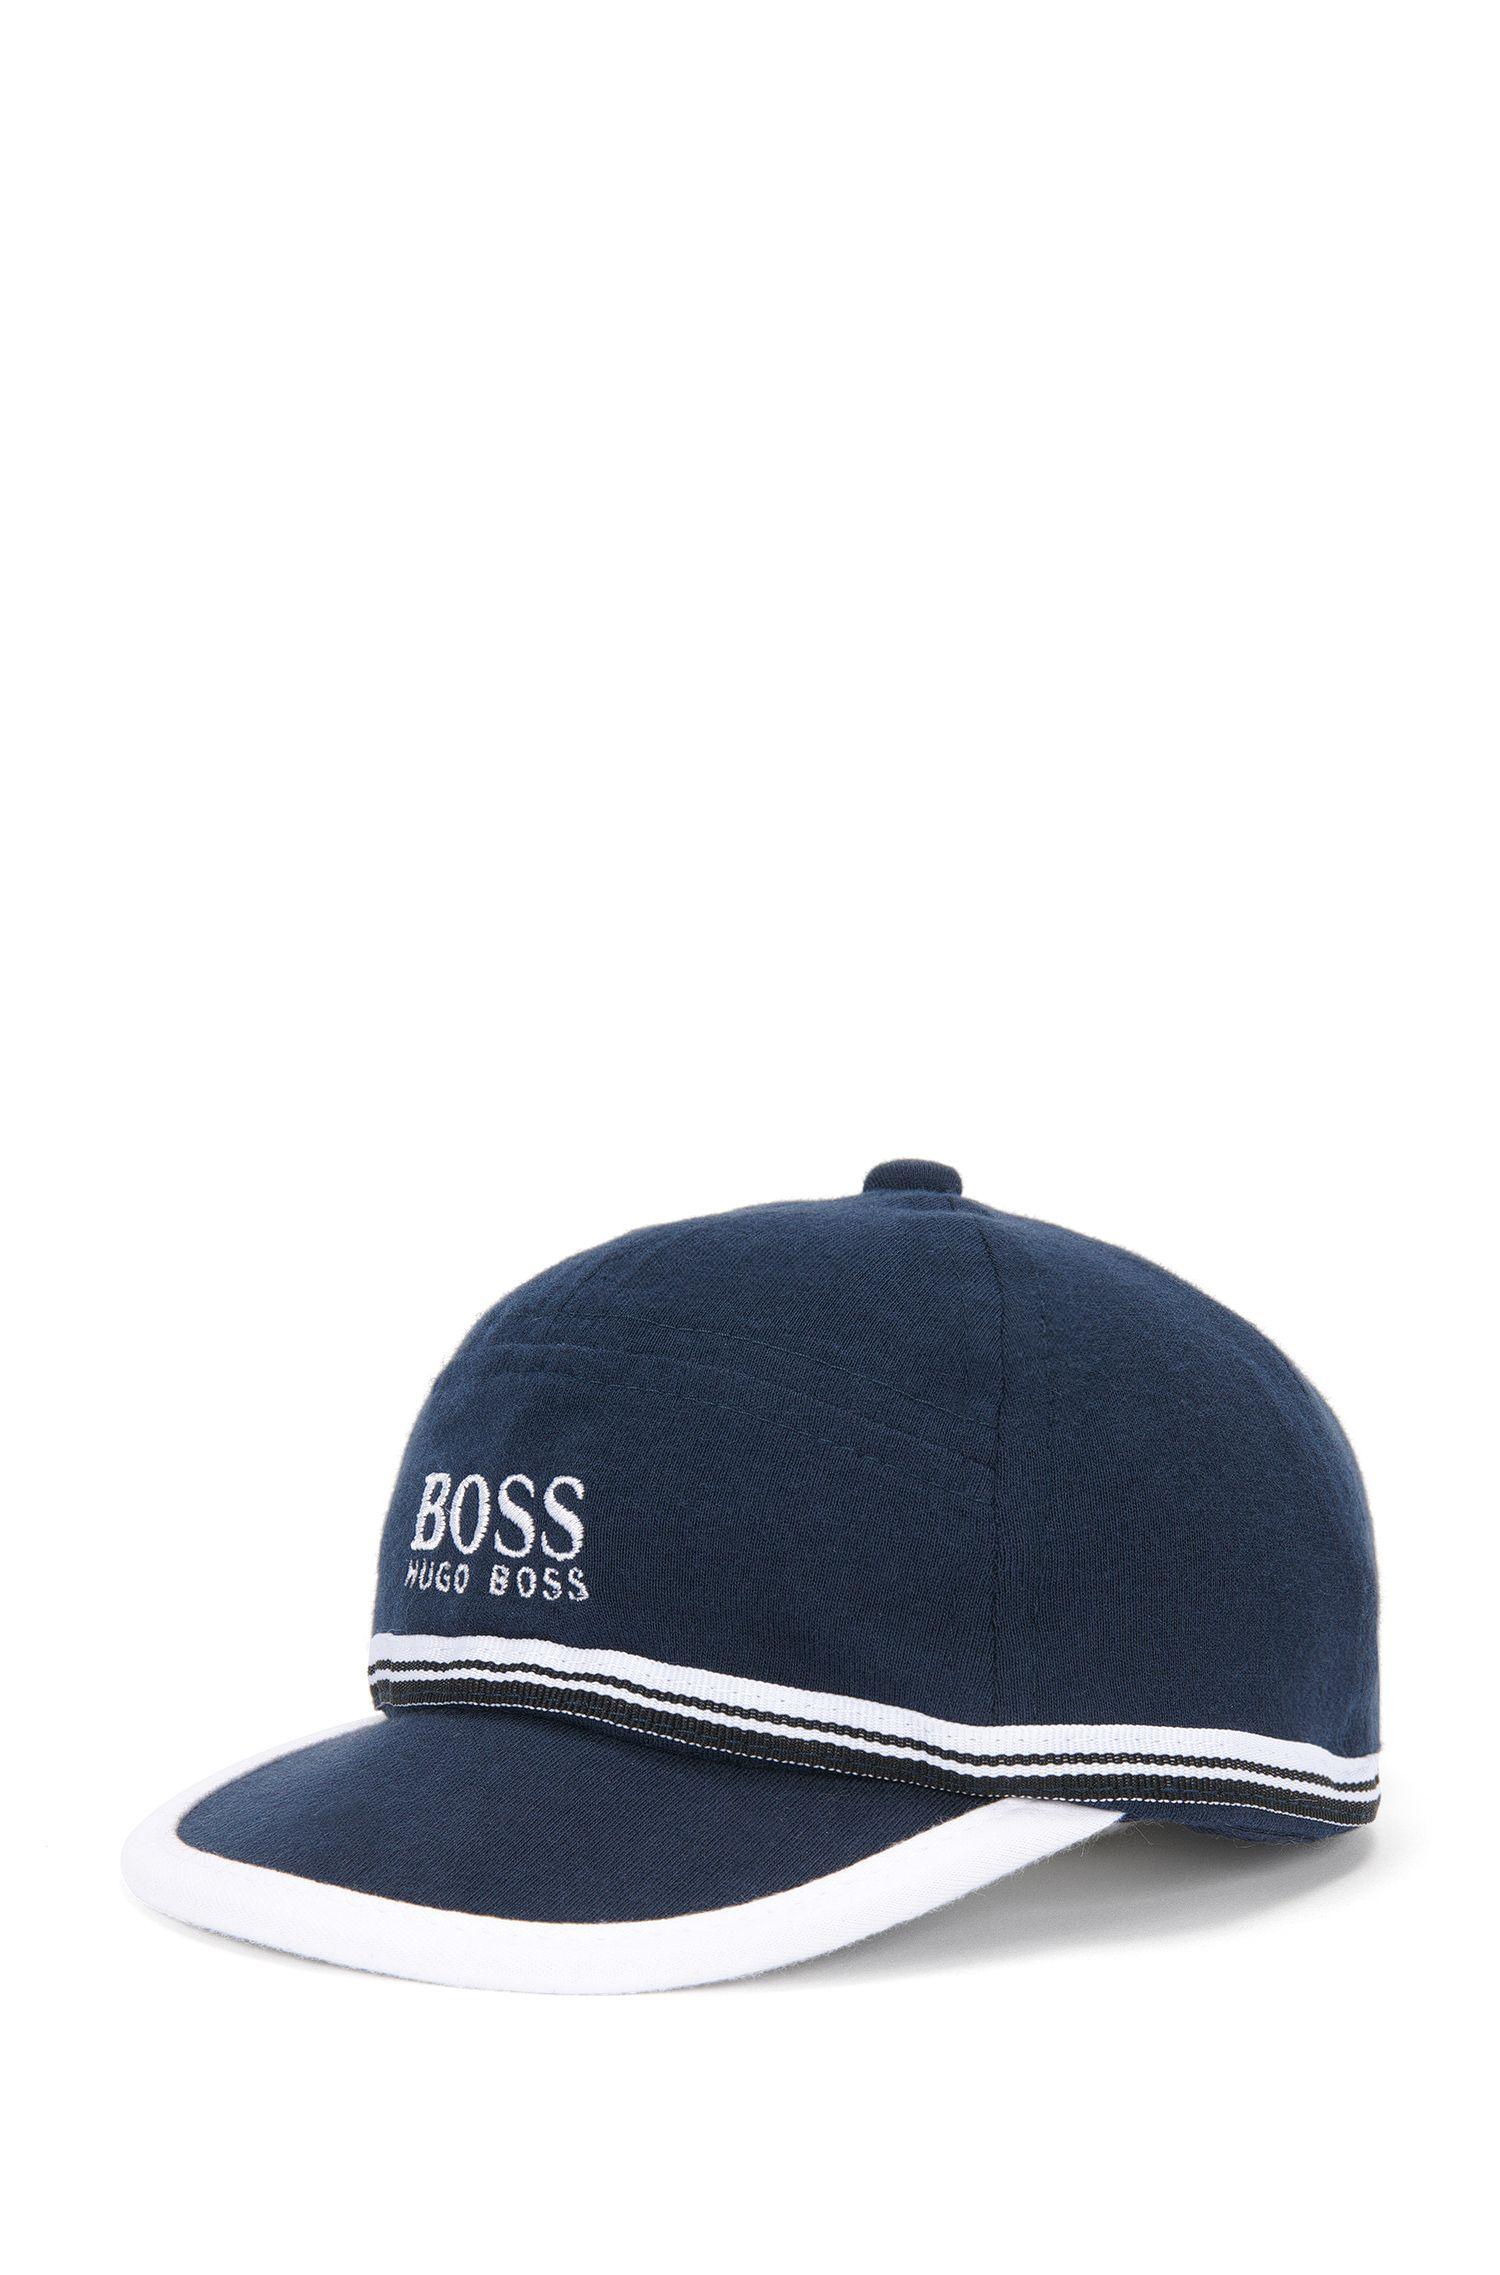 Newborns' cap in cotton with a piped peak: 'J91065'